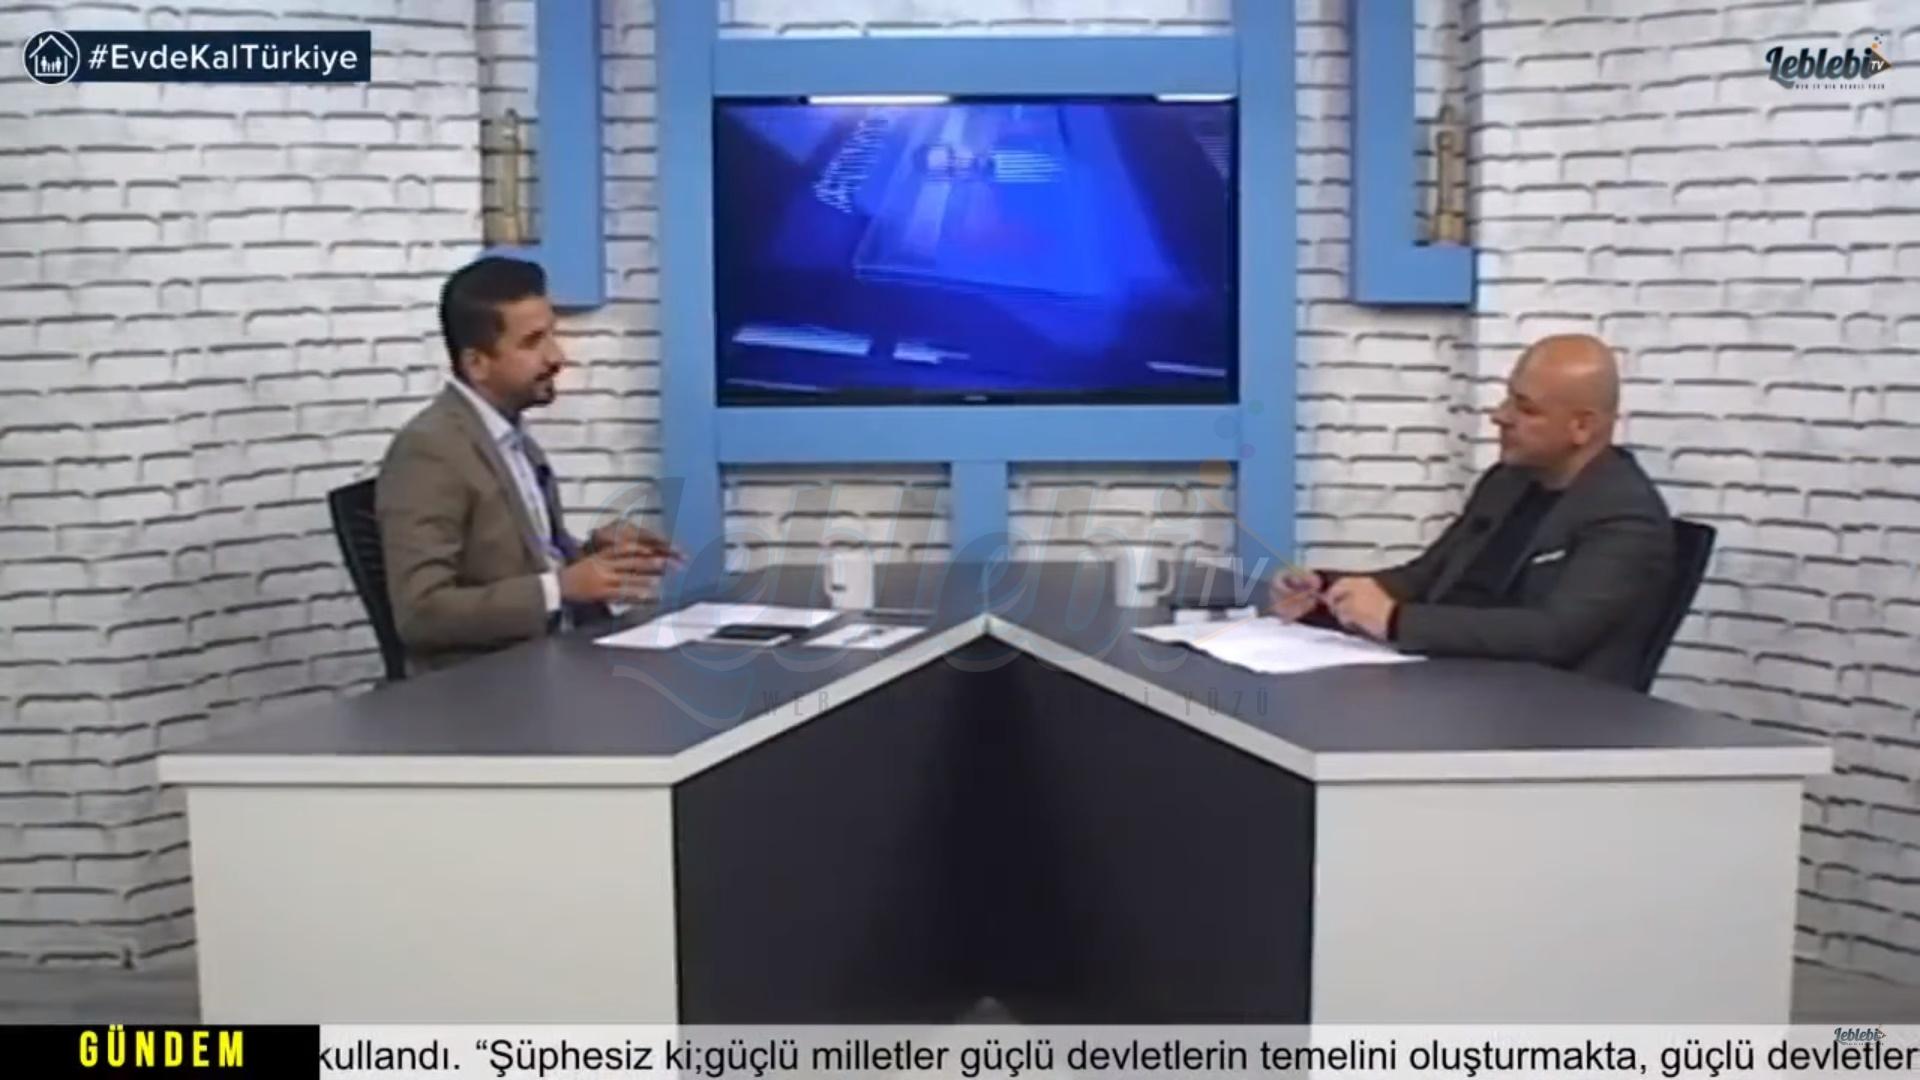 CHP Belediye Meclisi Grup Başkan Vekili – Tuncay Yılmaz